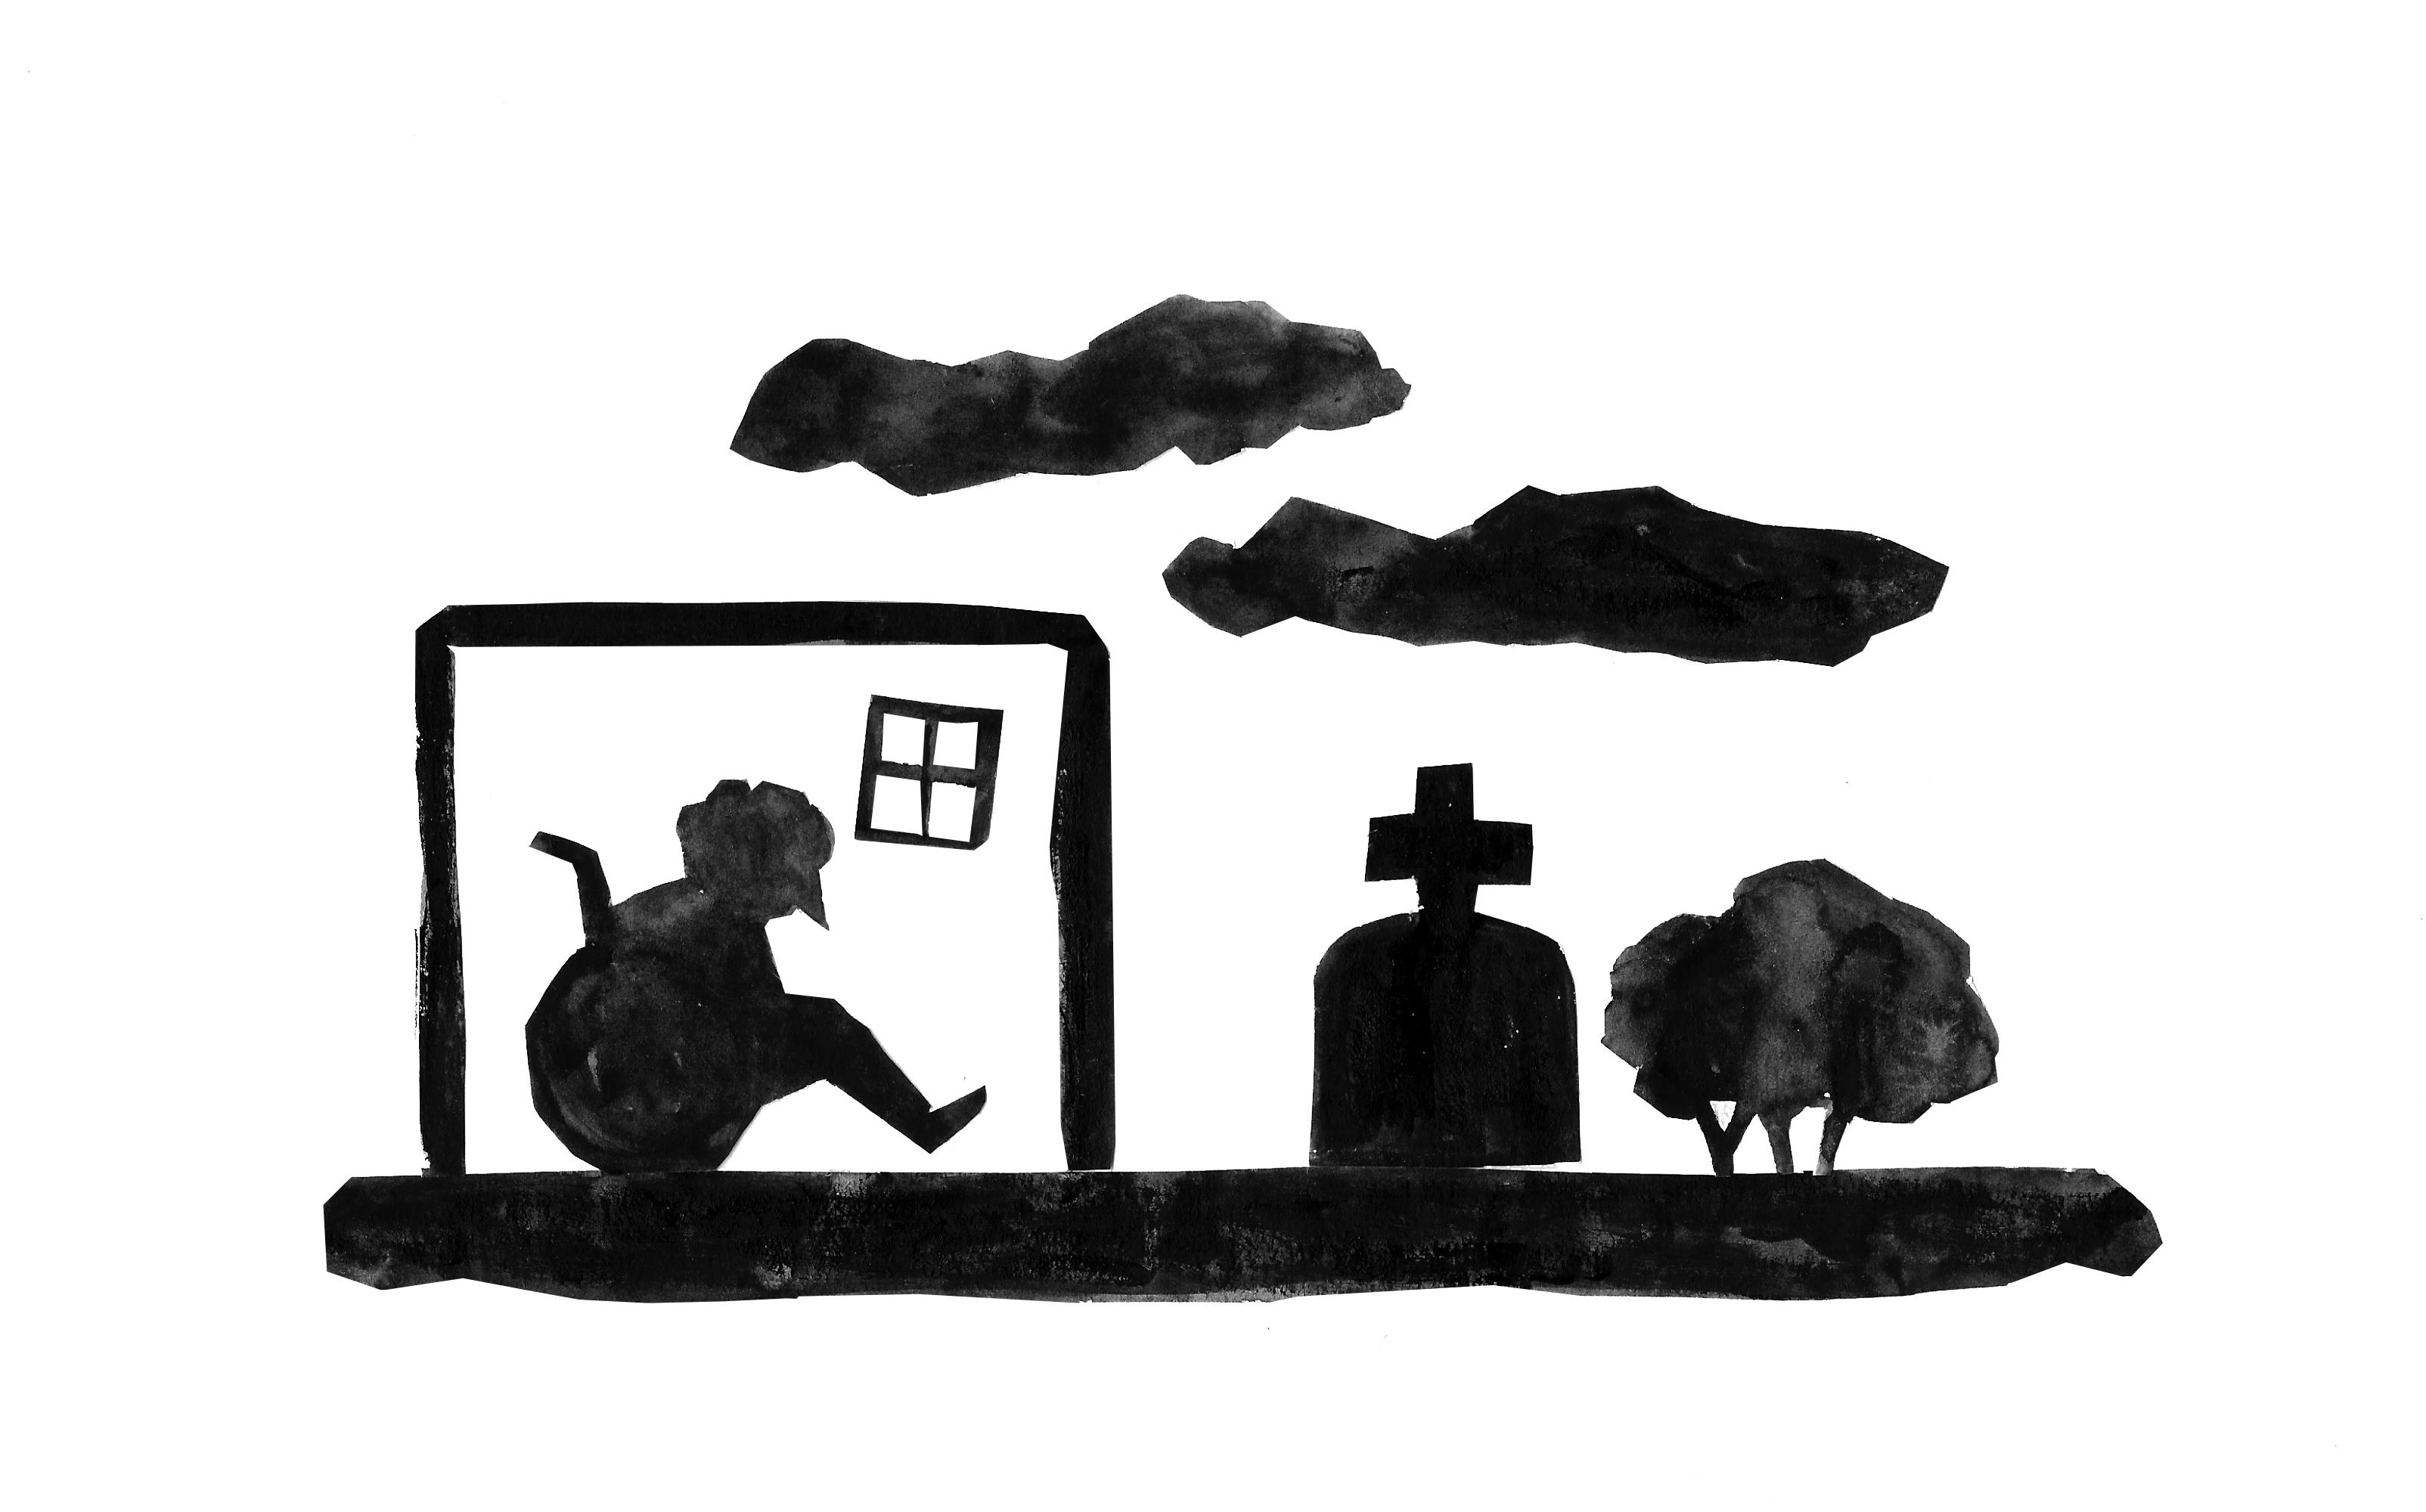 Illustration pour un article sur le confinement et les ehpad